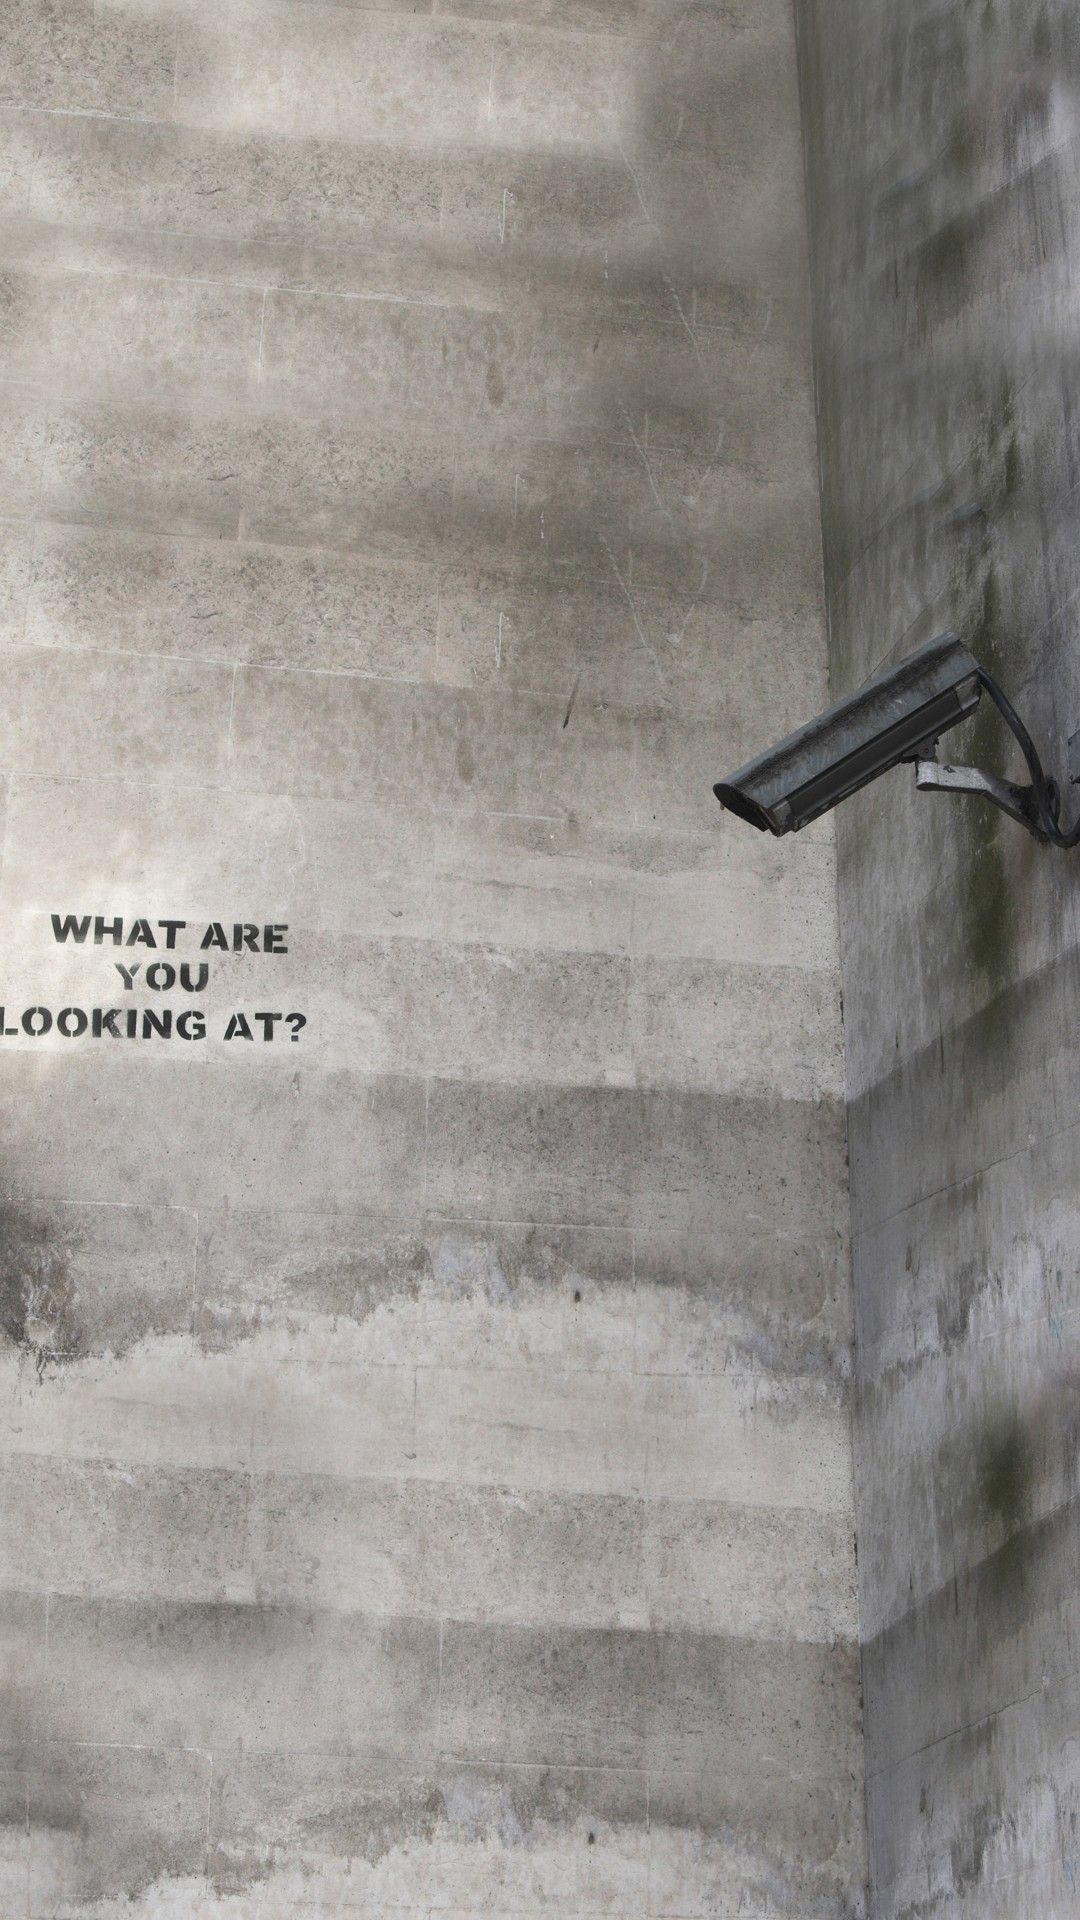 人気112位 ストリートアート Banksy バンクシーのストリート